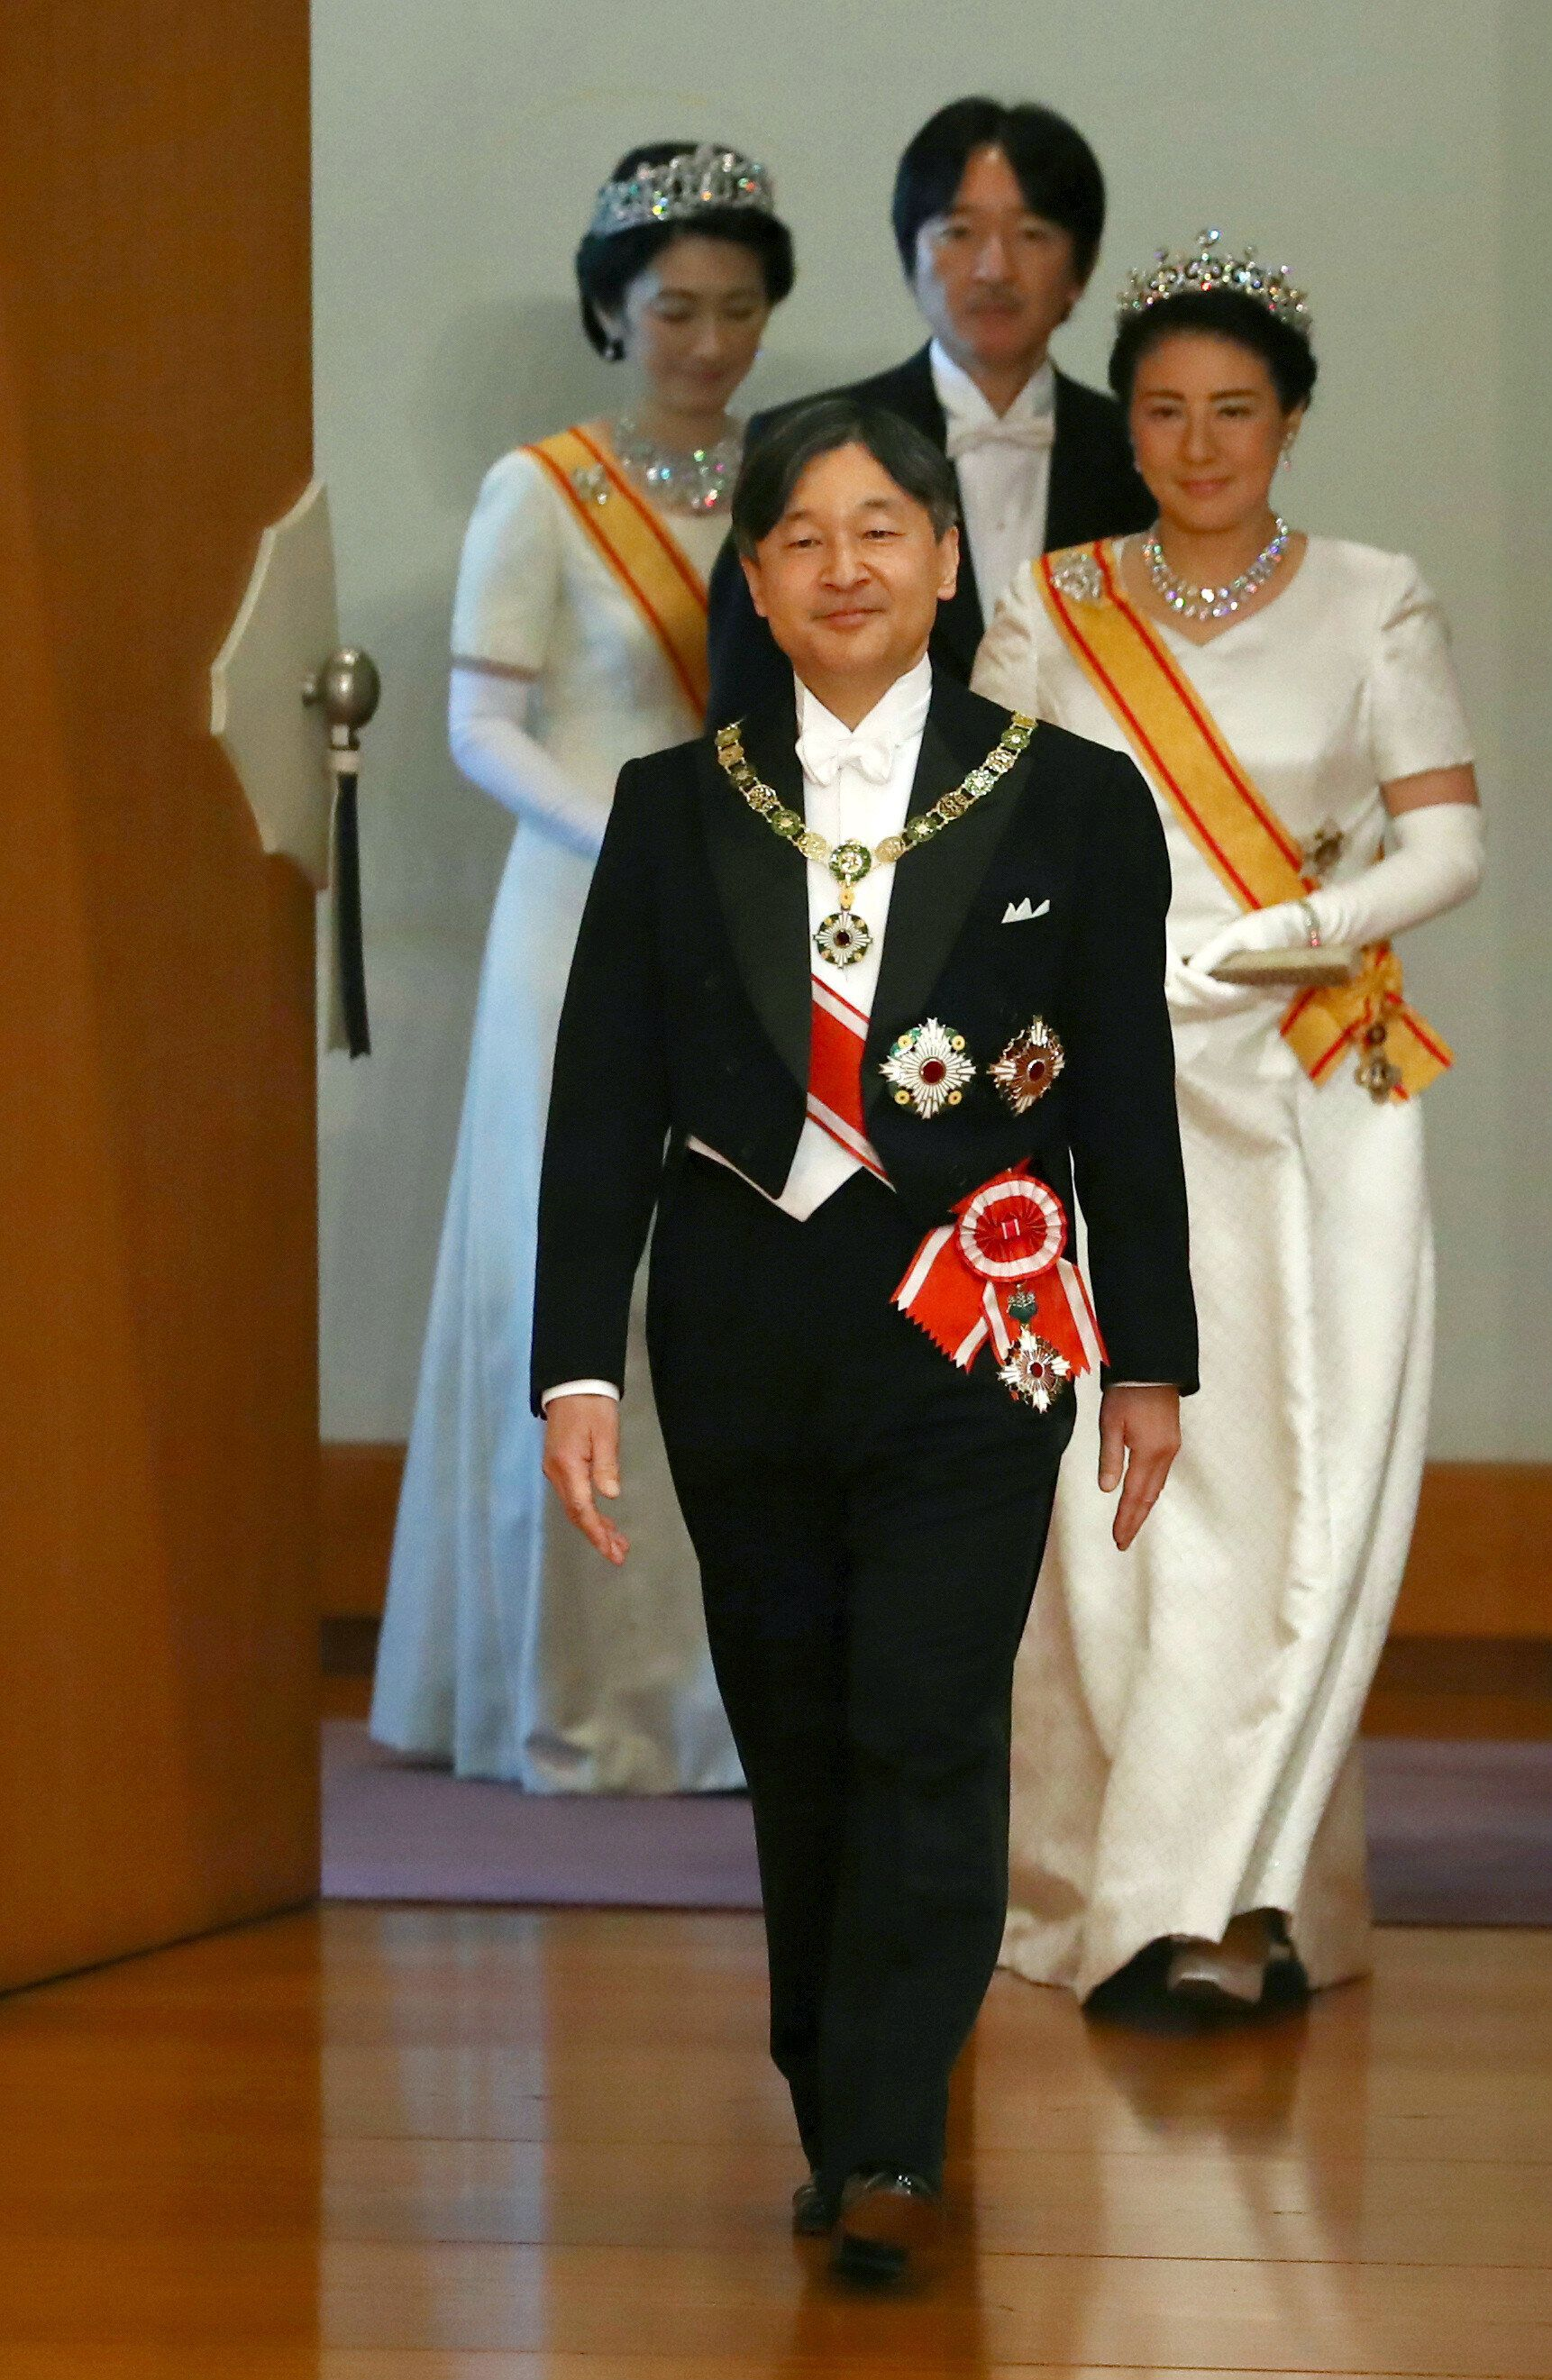 一般参賀に出かける前にチェックしておくべきこと 4日、天皇陛下が皇居でお言葉も